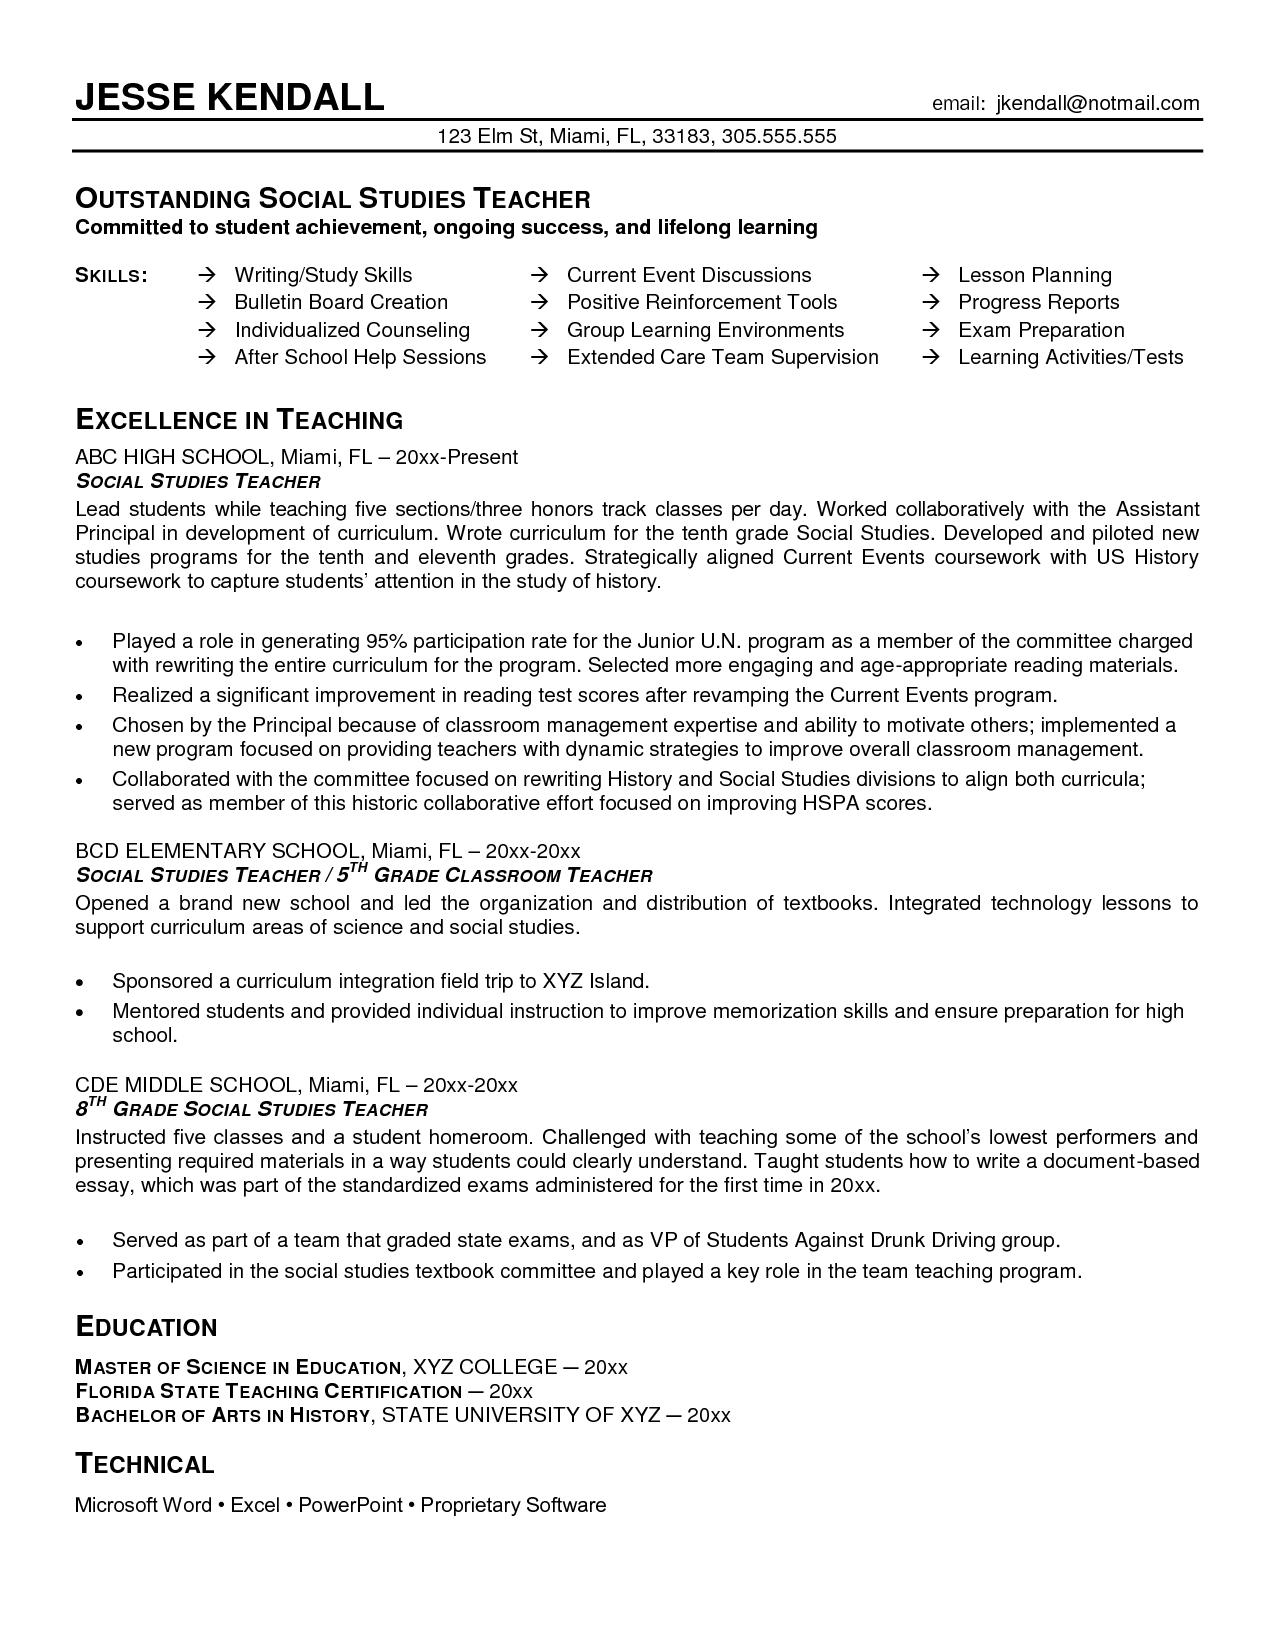 Resume For The Teachers